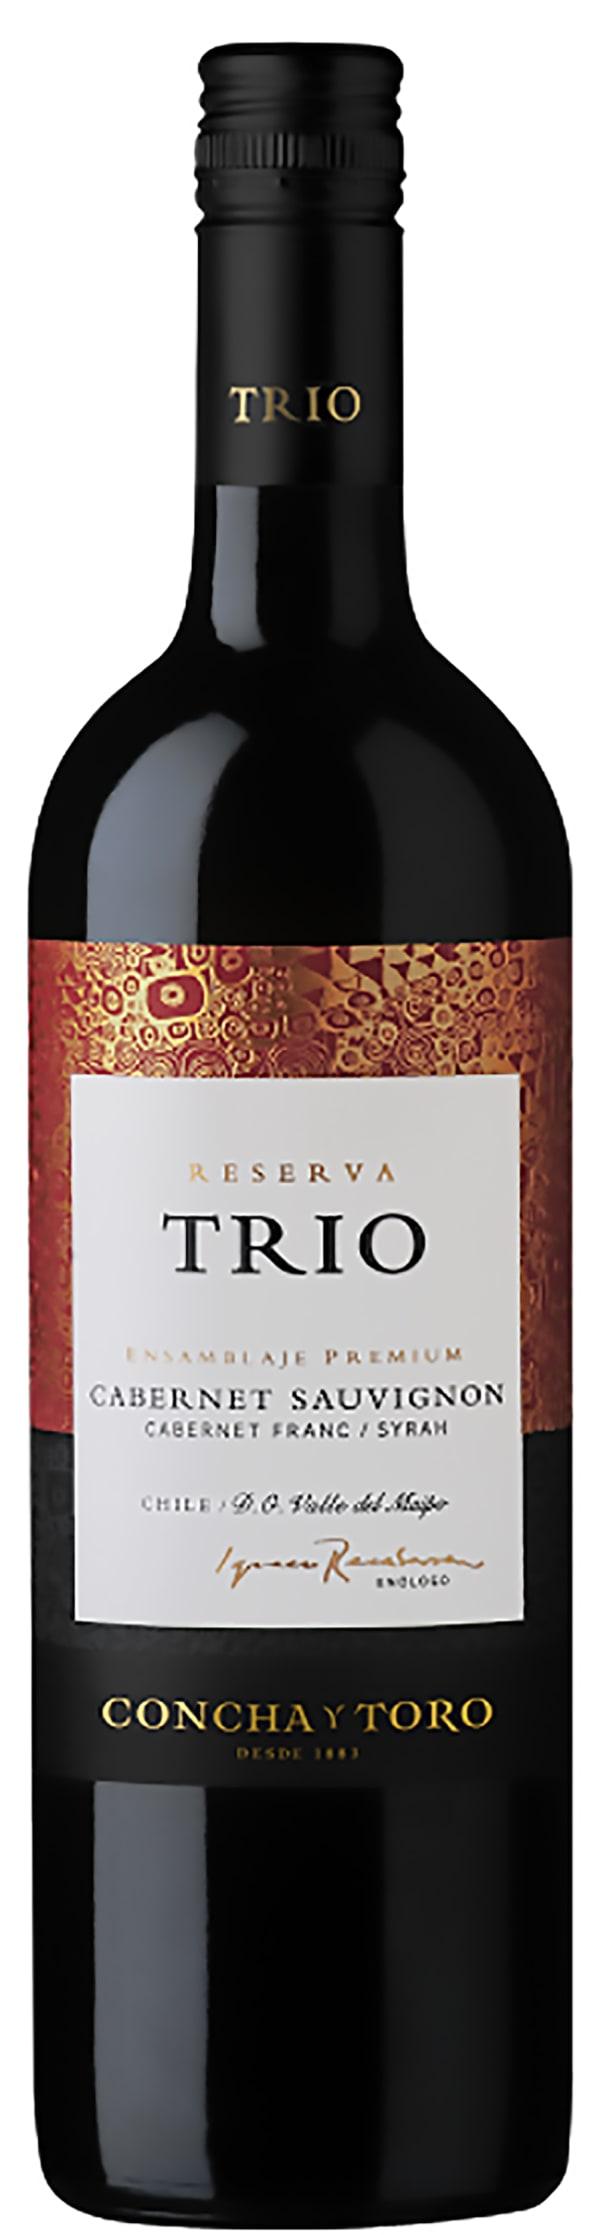 Trio Cabernet Sauvignon Cabernet Franc Syrah 2017